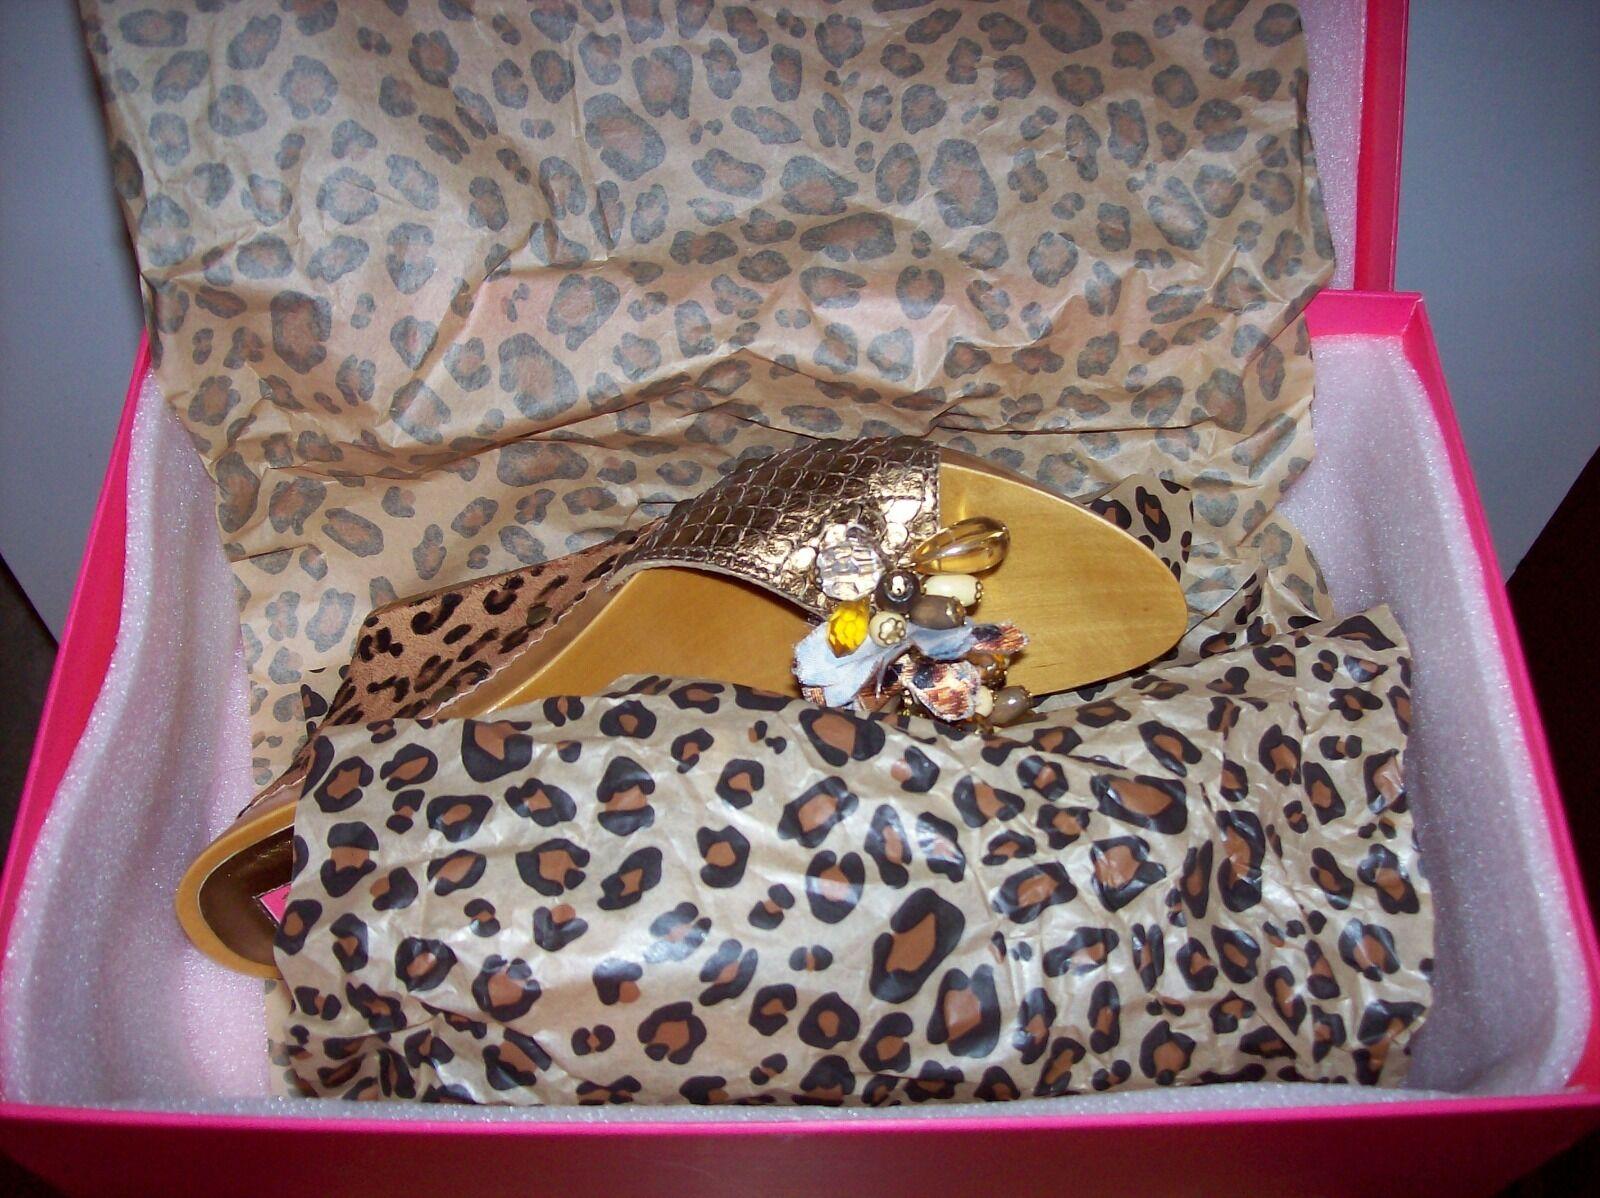 Nuevo En Caja Betsey Johnson Pantorrilla Cabello Talla adornado cuña Bronce Talla Cabello 7 0a574d